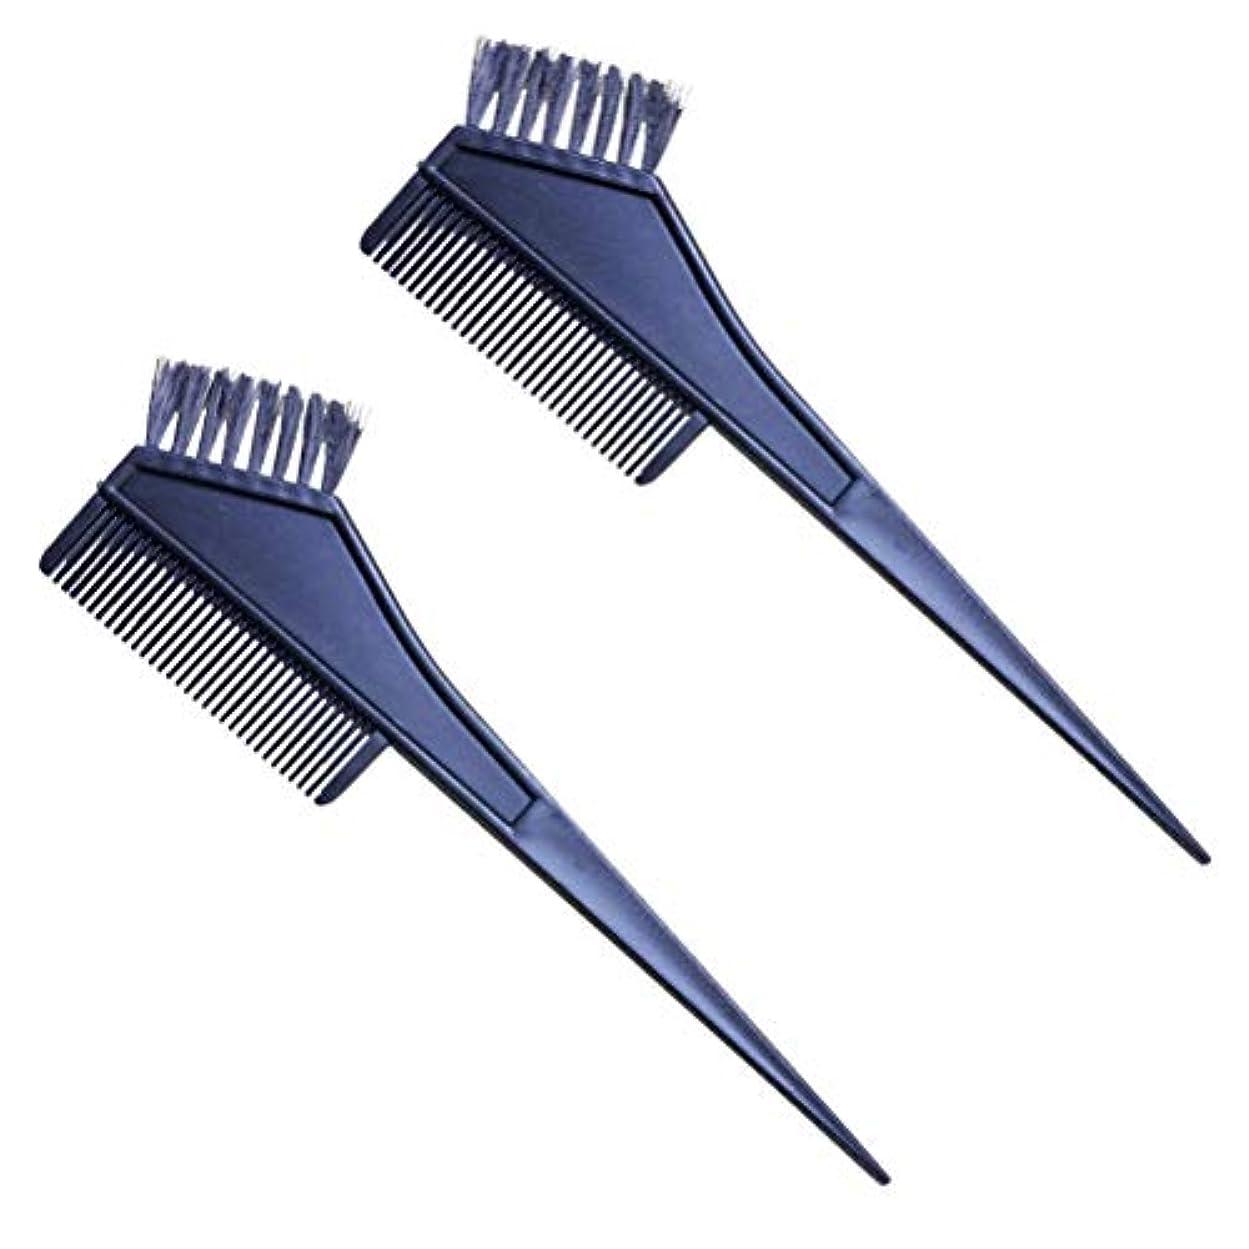 アクティブ世代パリティFrcolor ヘアダイブラシ ヘアカラーブラシ ヘアダイコーム 白髪染め 家庭用 美容師プロ用 プラスチック製 2本セット(黒)